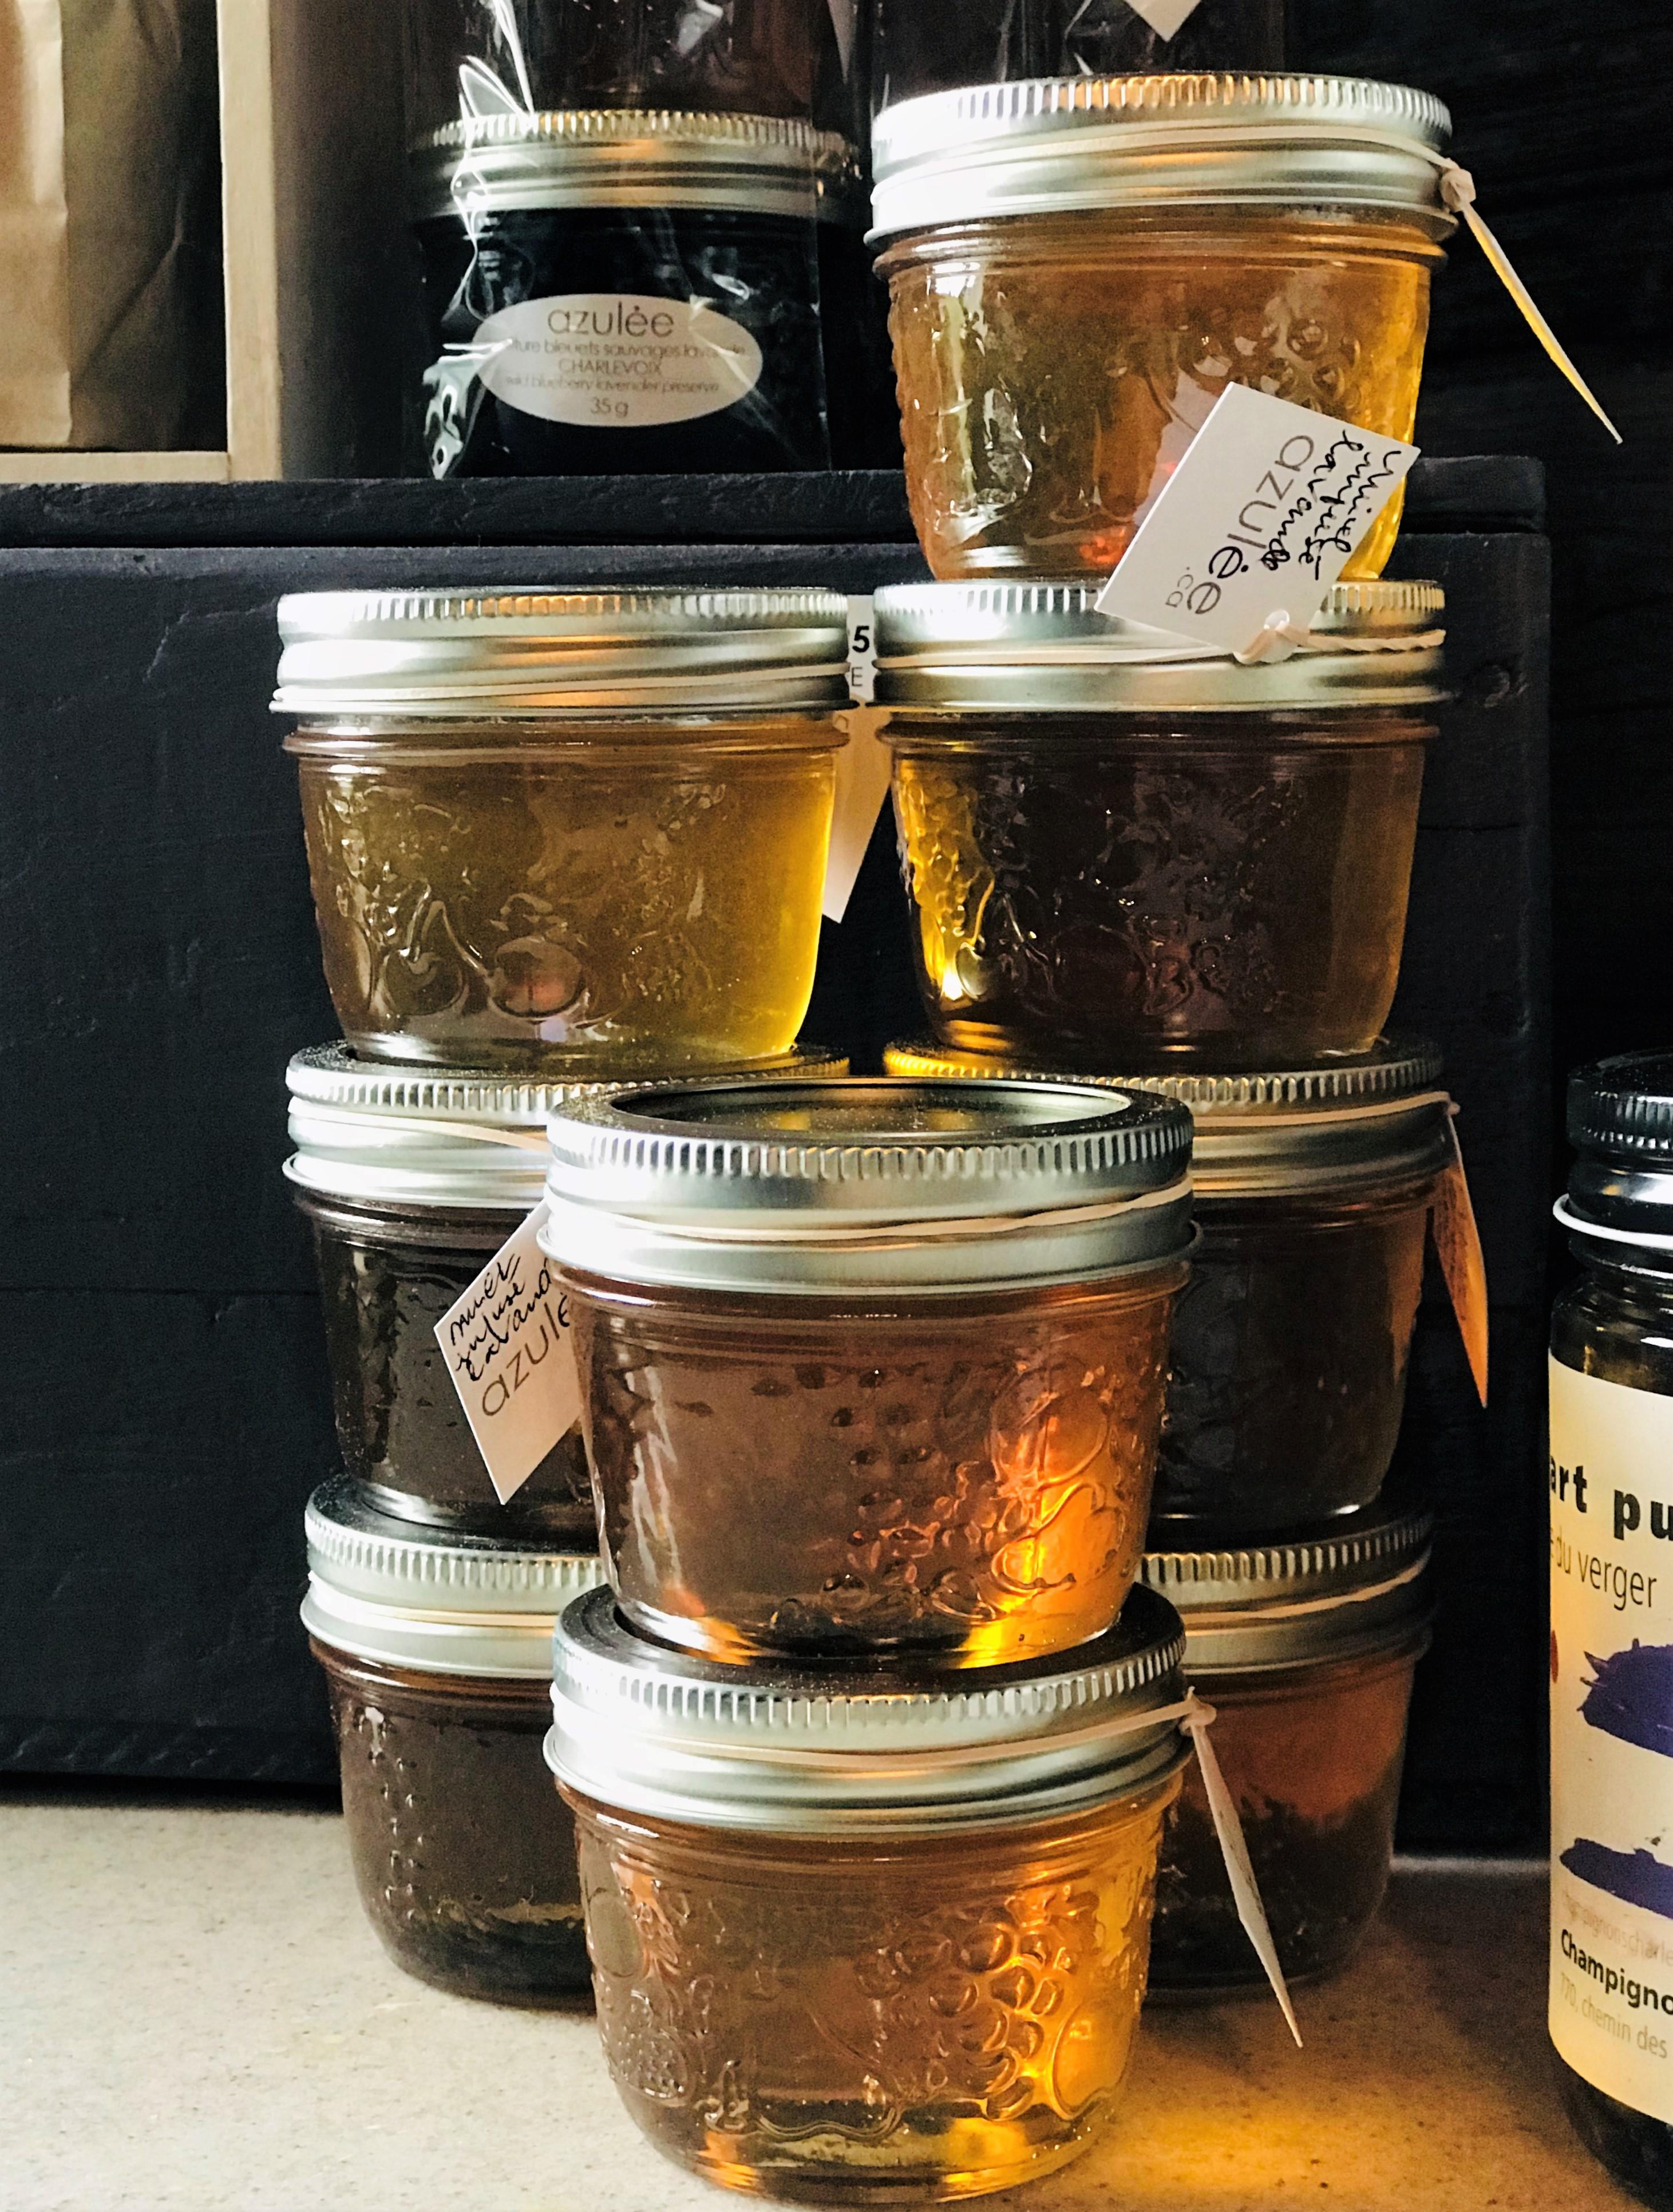 Miel orgánica de Azulée en la ruta del sabor de Charlevoix, Quebec.